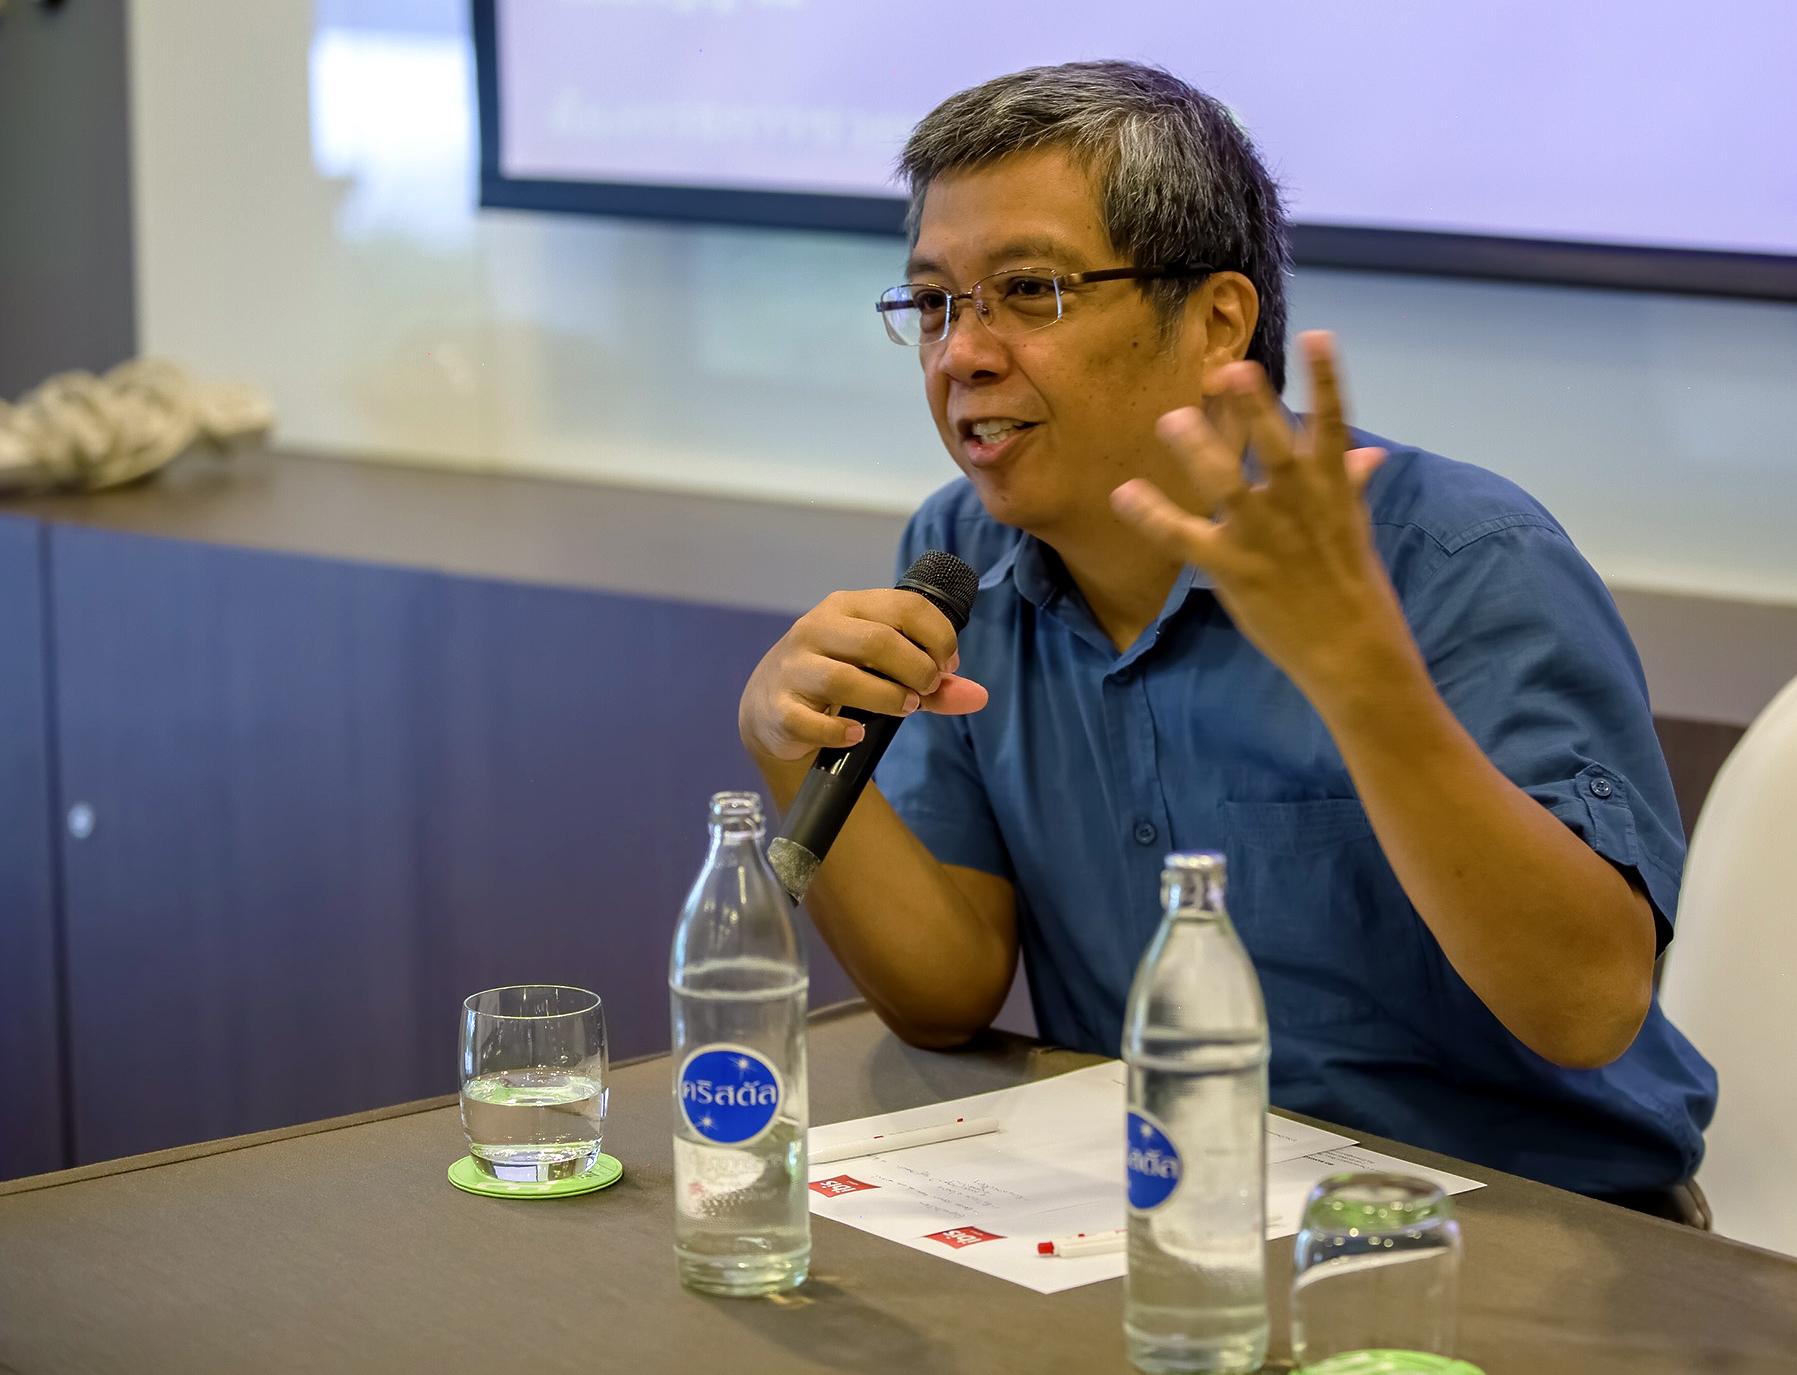 Edgardo Legaspi